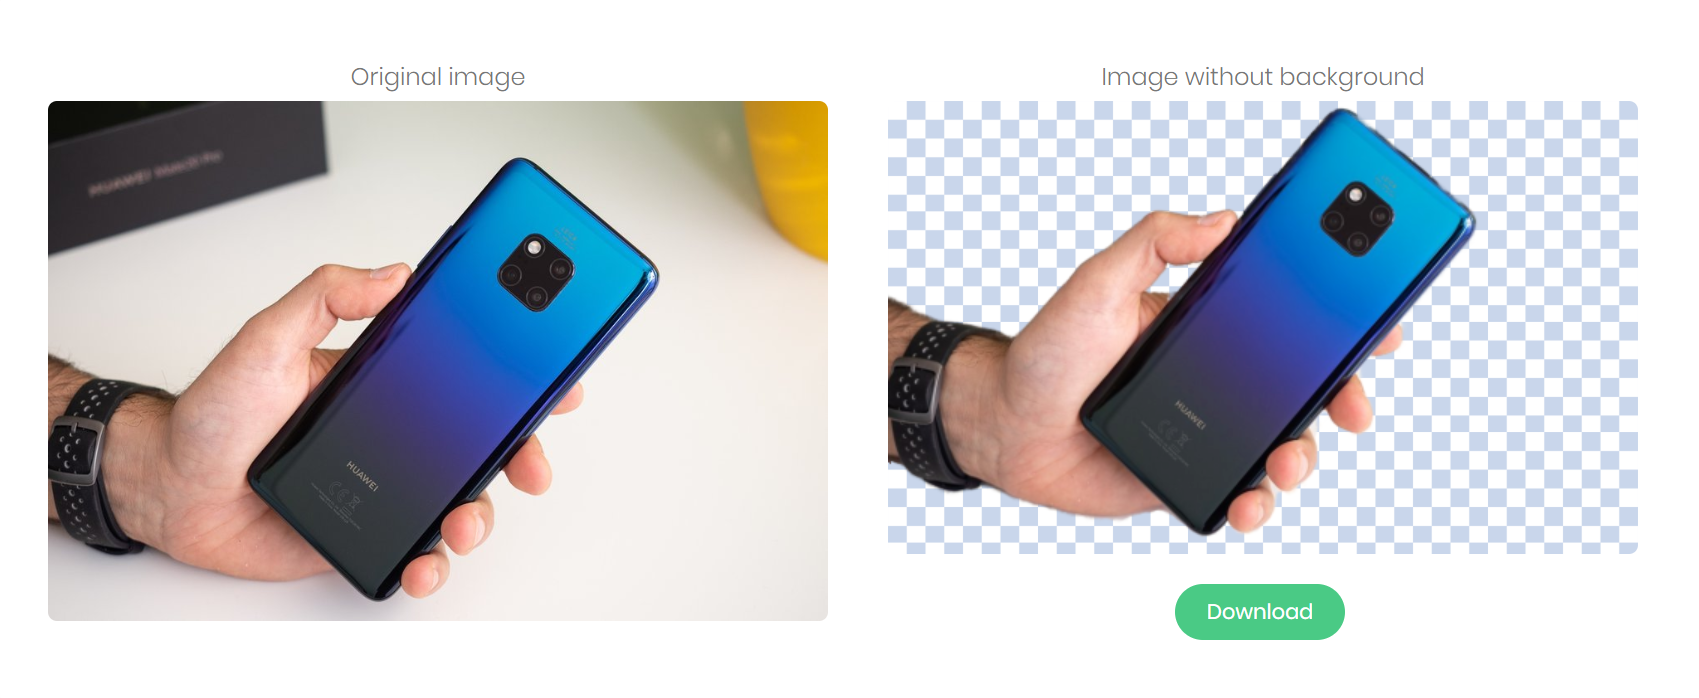 Công cụ online này sử dụng AI để tách nền ra khỏi hình ảnh